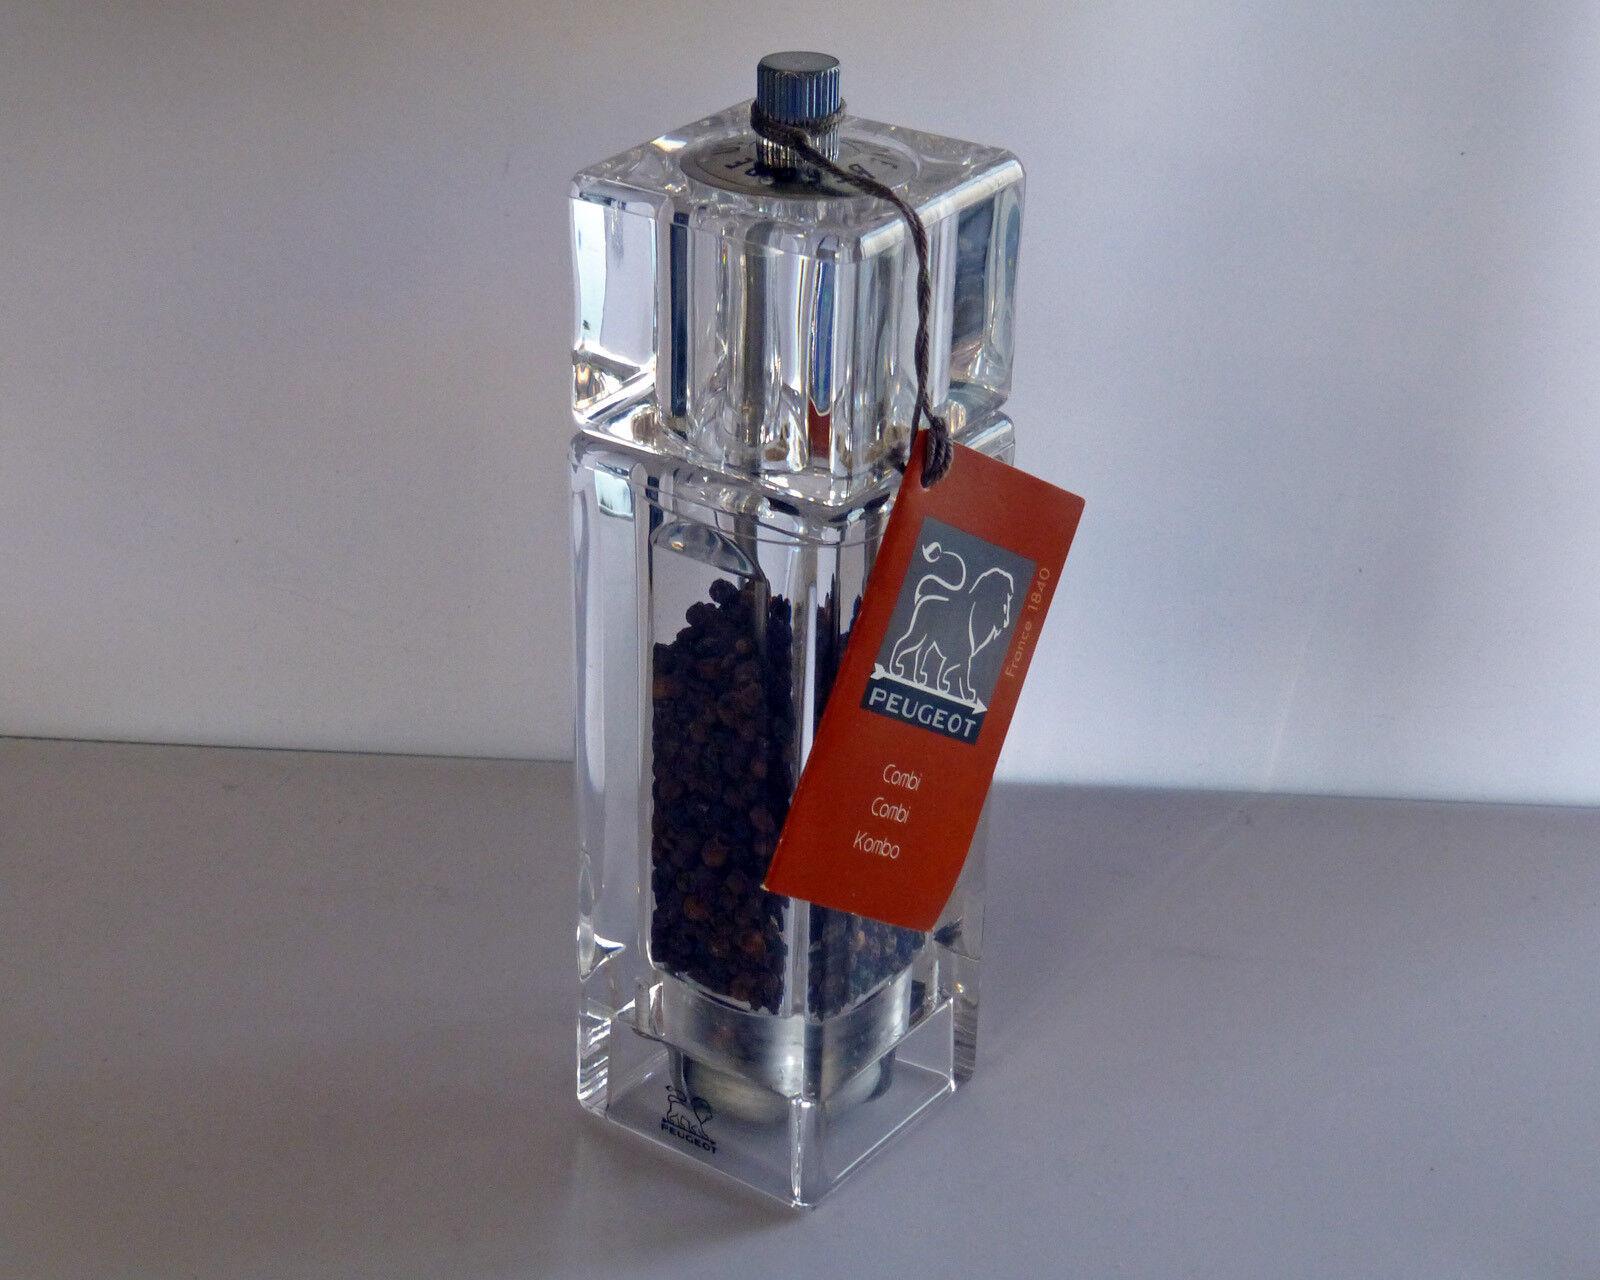 PEUGEOT MULINO DI Combi CLORIDRICO e pepe, acrilico 15 cm